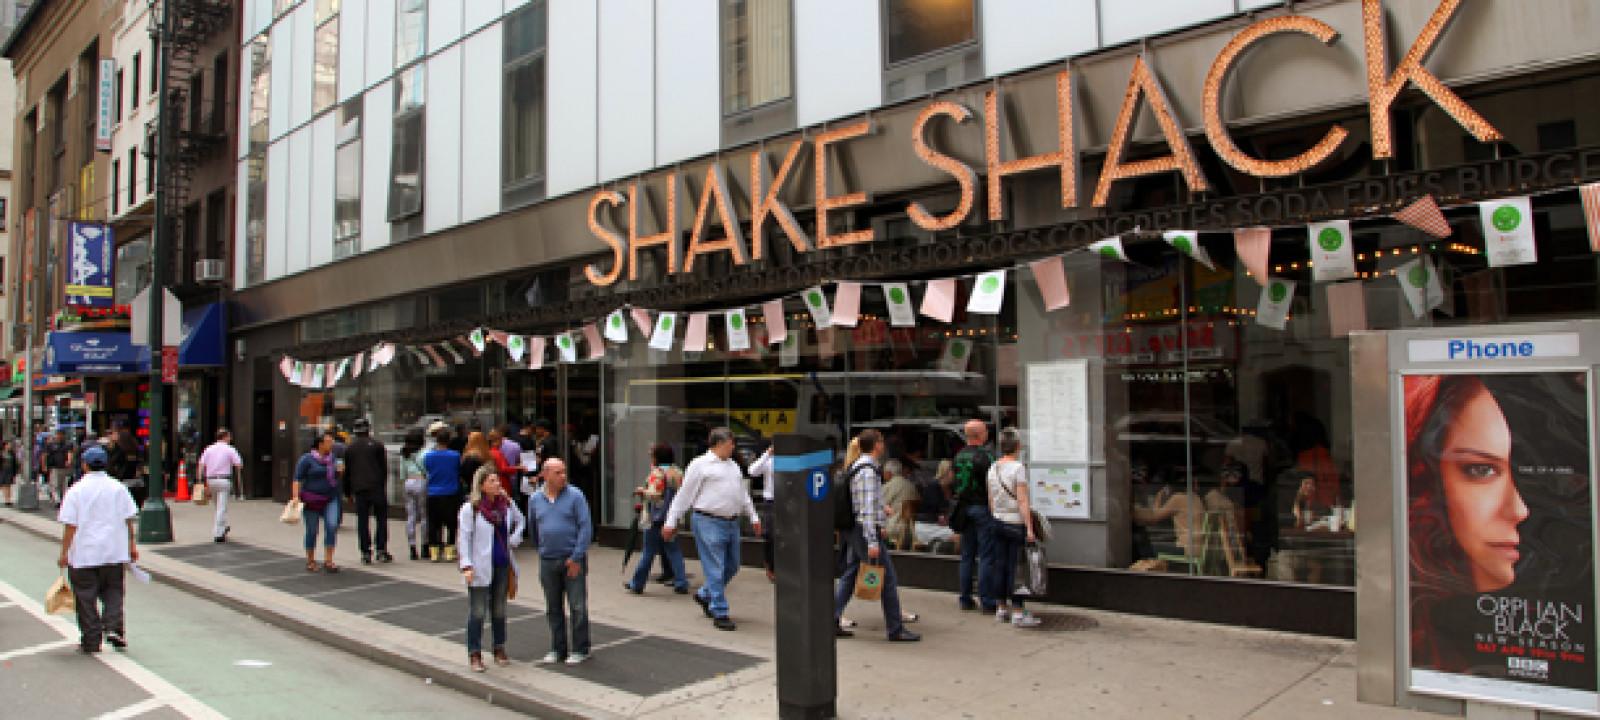 612x344_shakeshack